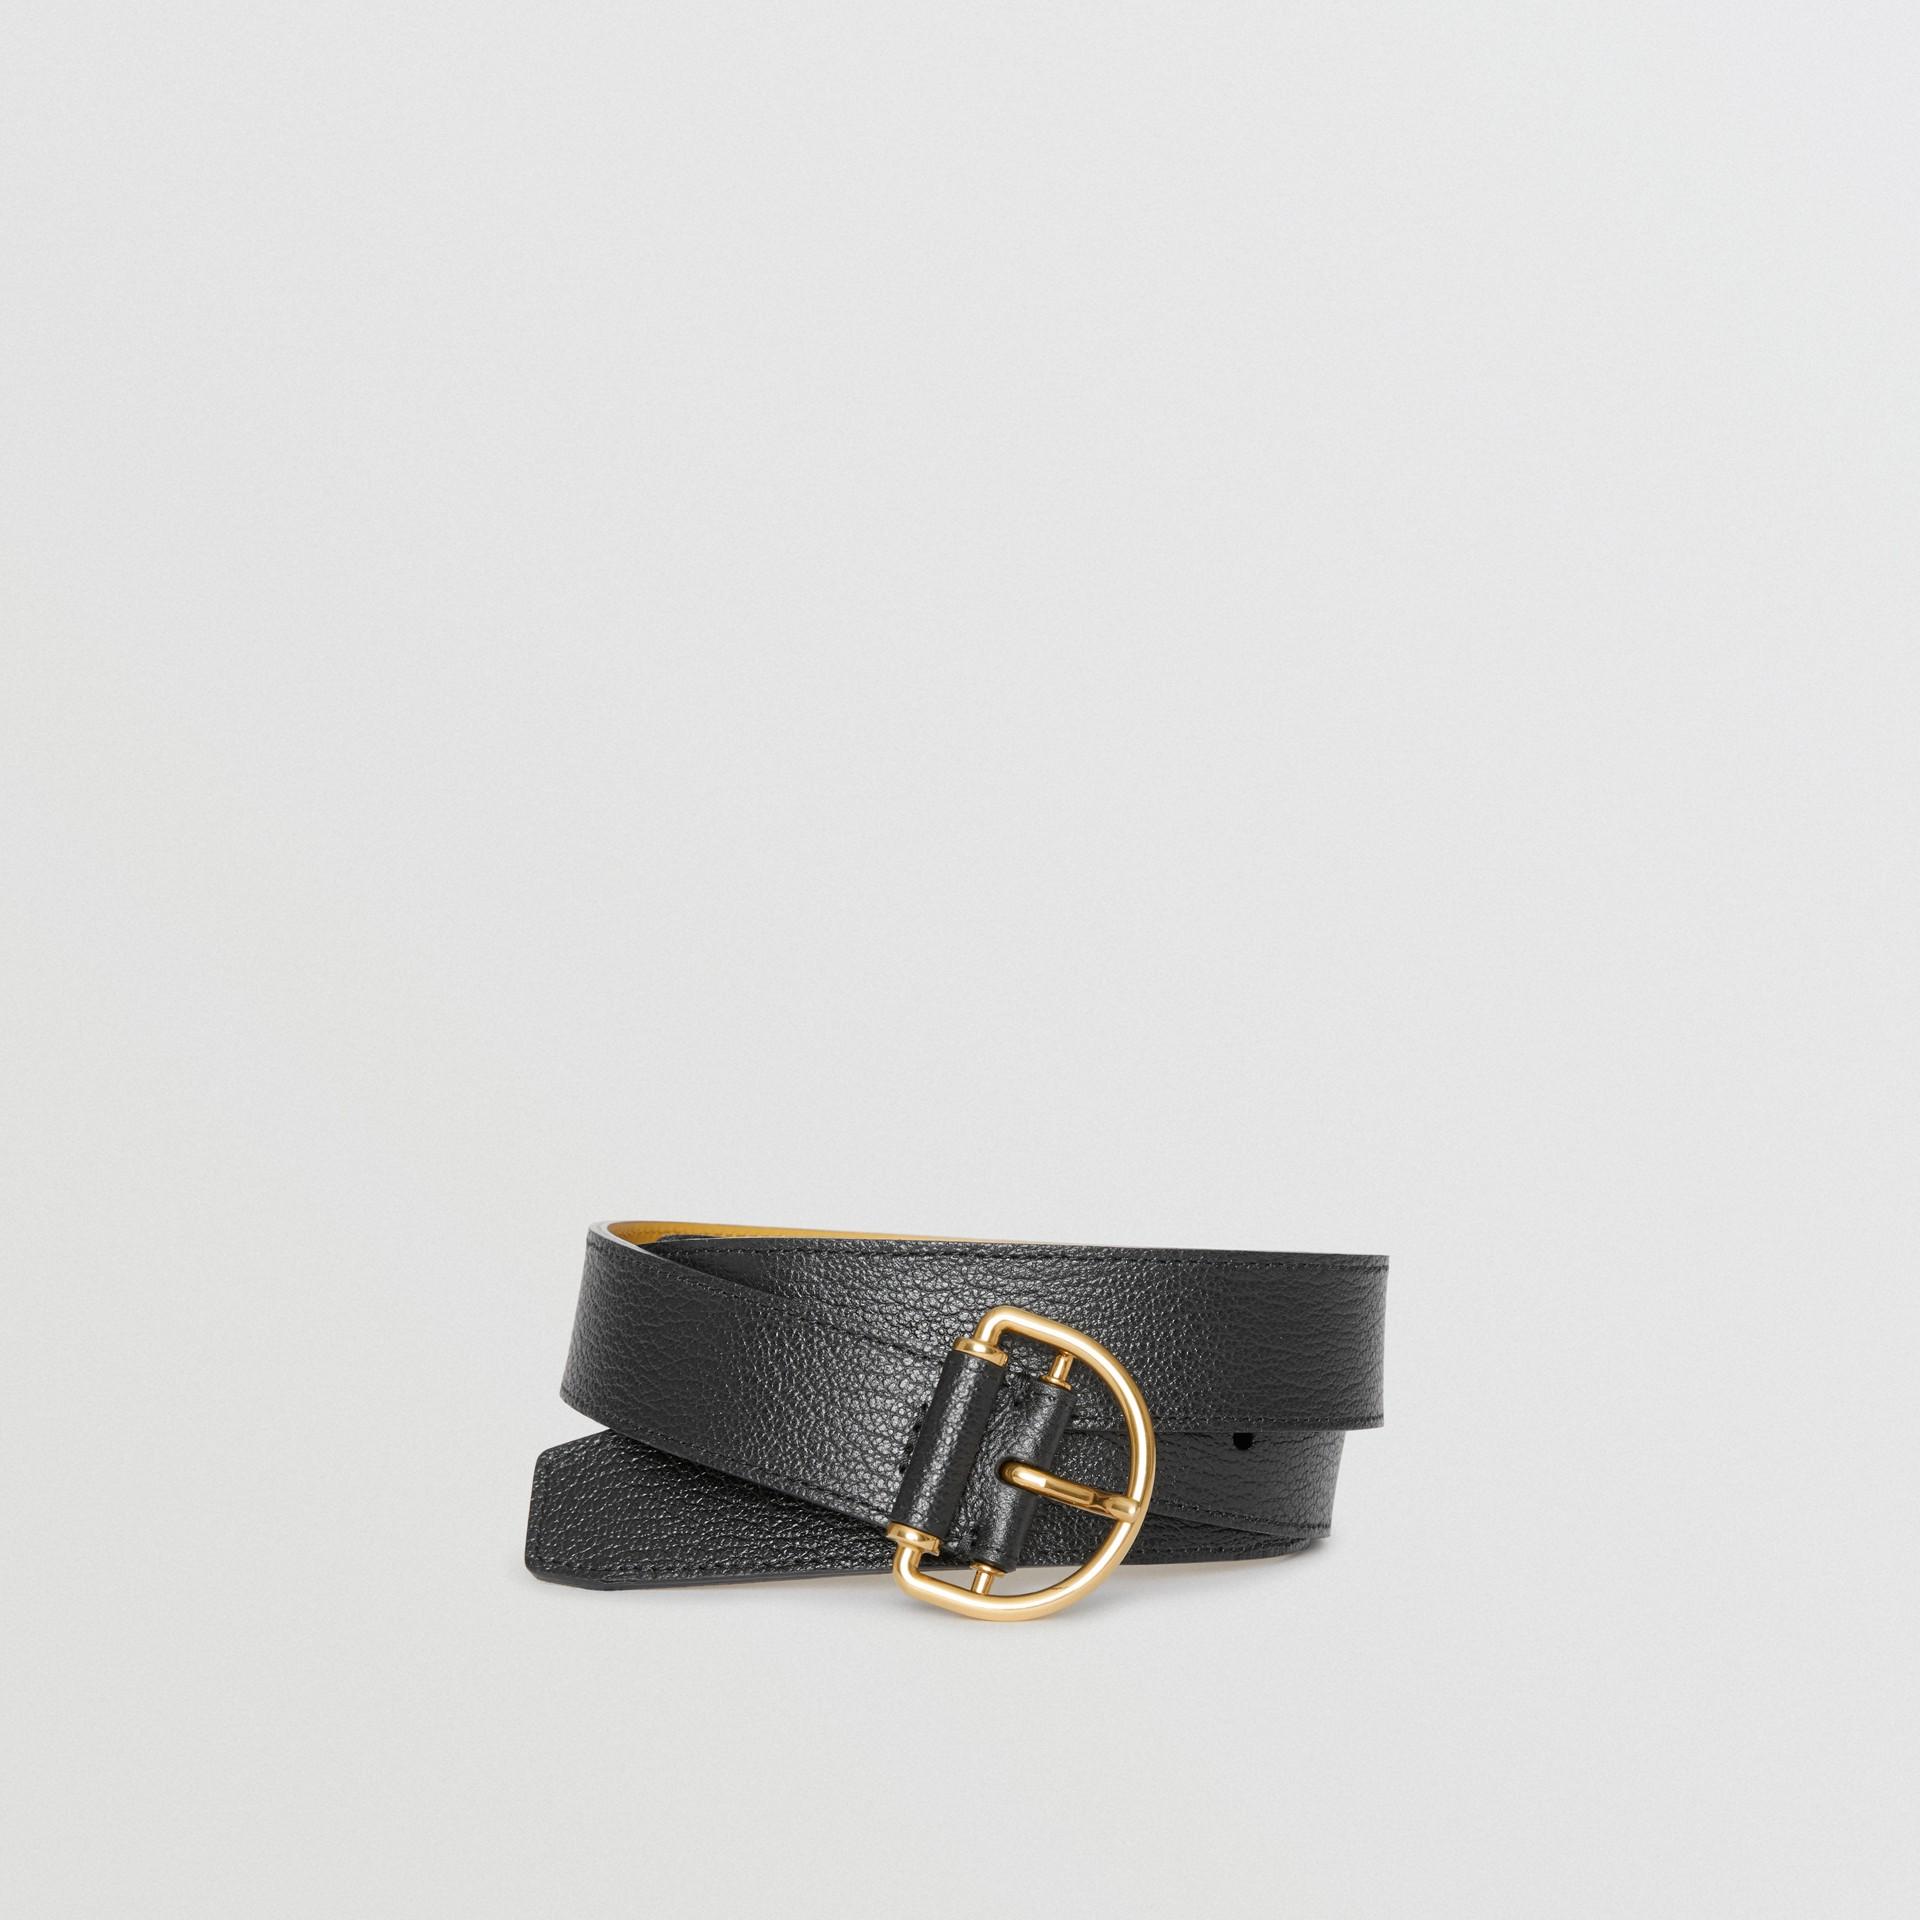 Cintura in pelle a grana con anello a D (Nero/fiordaliso) - Donna | Burberry - immagine della galleria 0